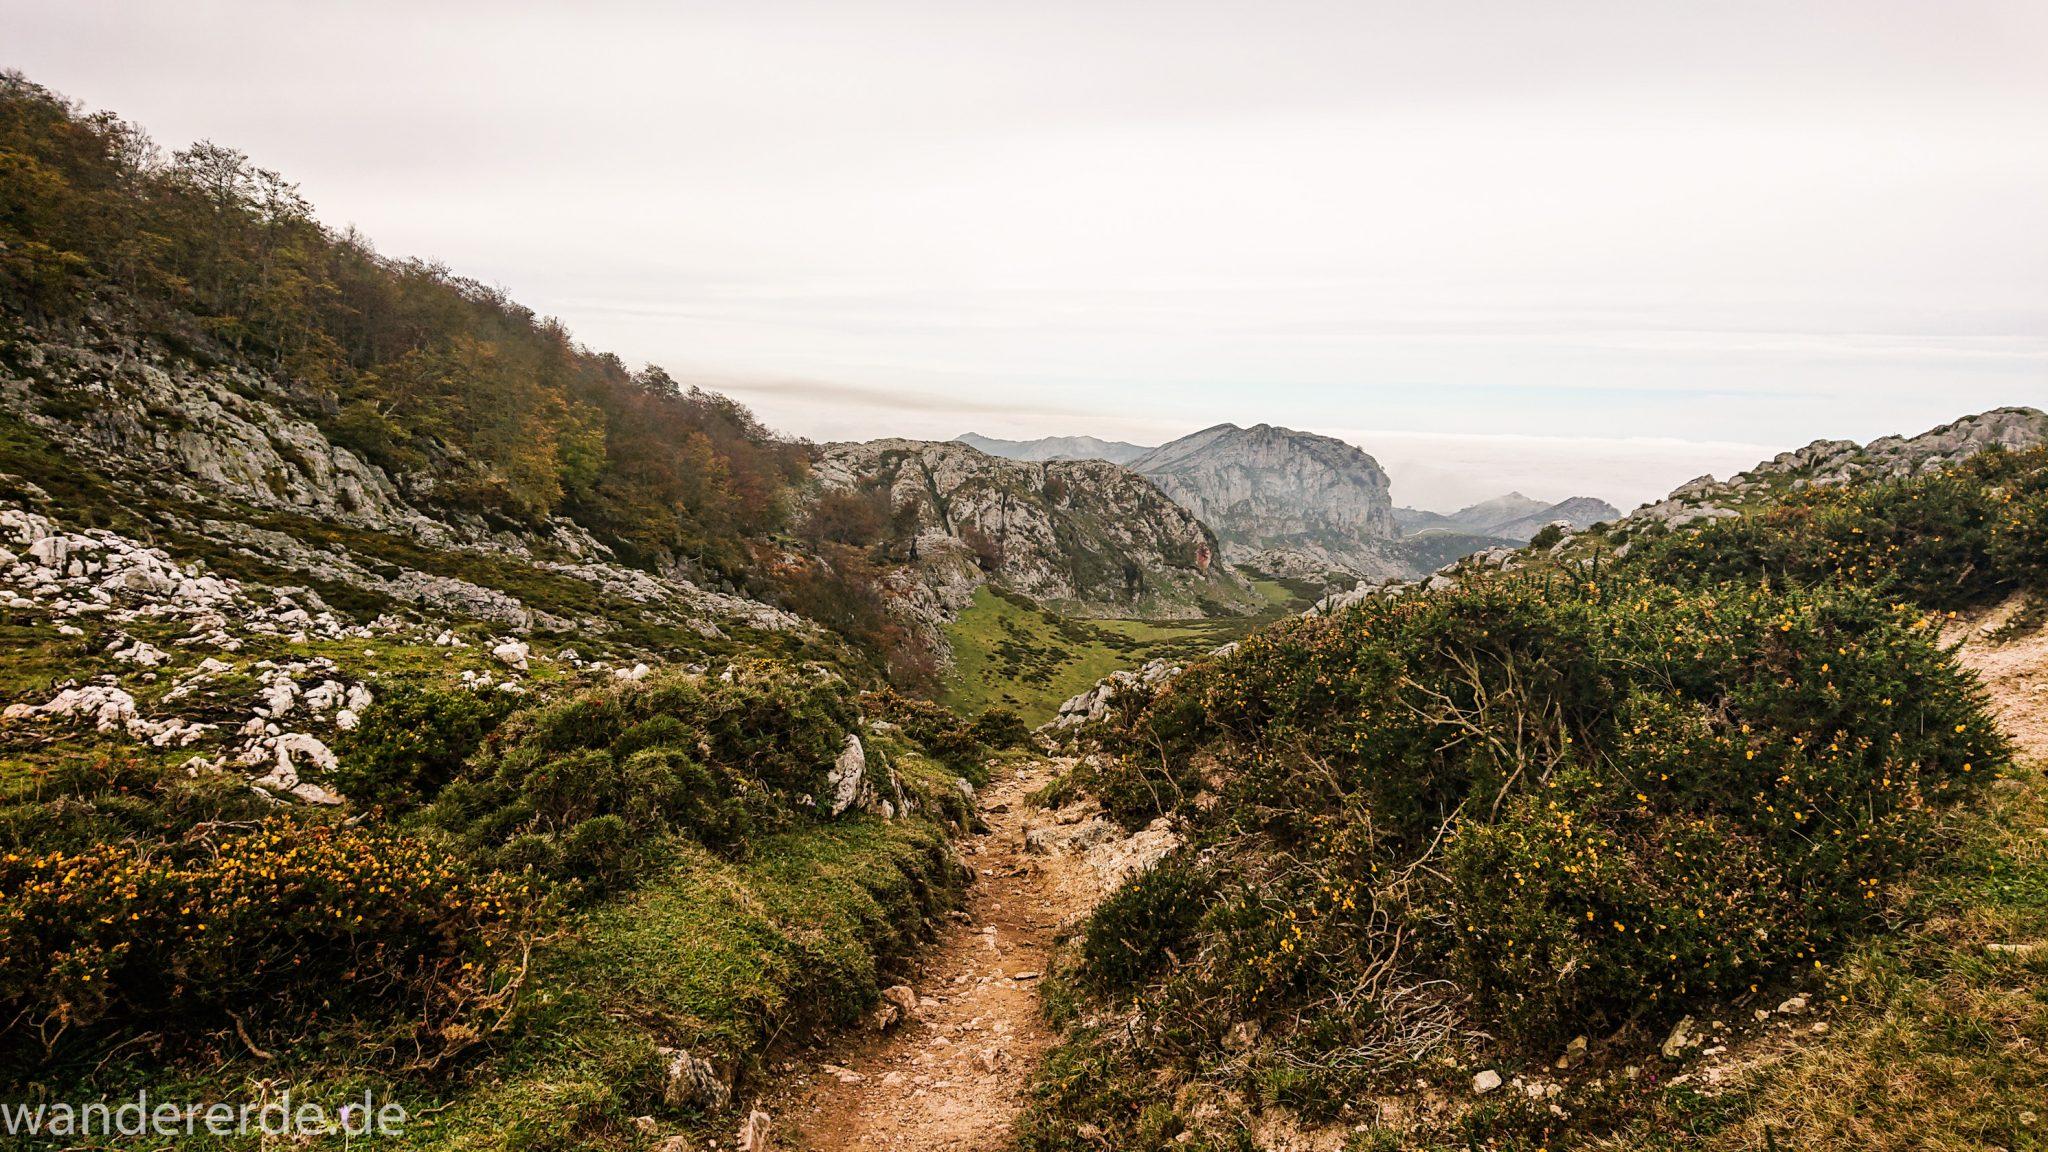 Wanderung Vega de Ario Picos de Europa Spanien, Aussicht bis zum atlantischen Ozean und Strand, schmaler Wanderpfad, Büsche, Steine und Berge, Wanderregion in  Nordspanien